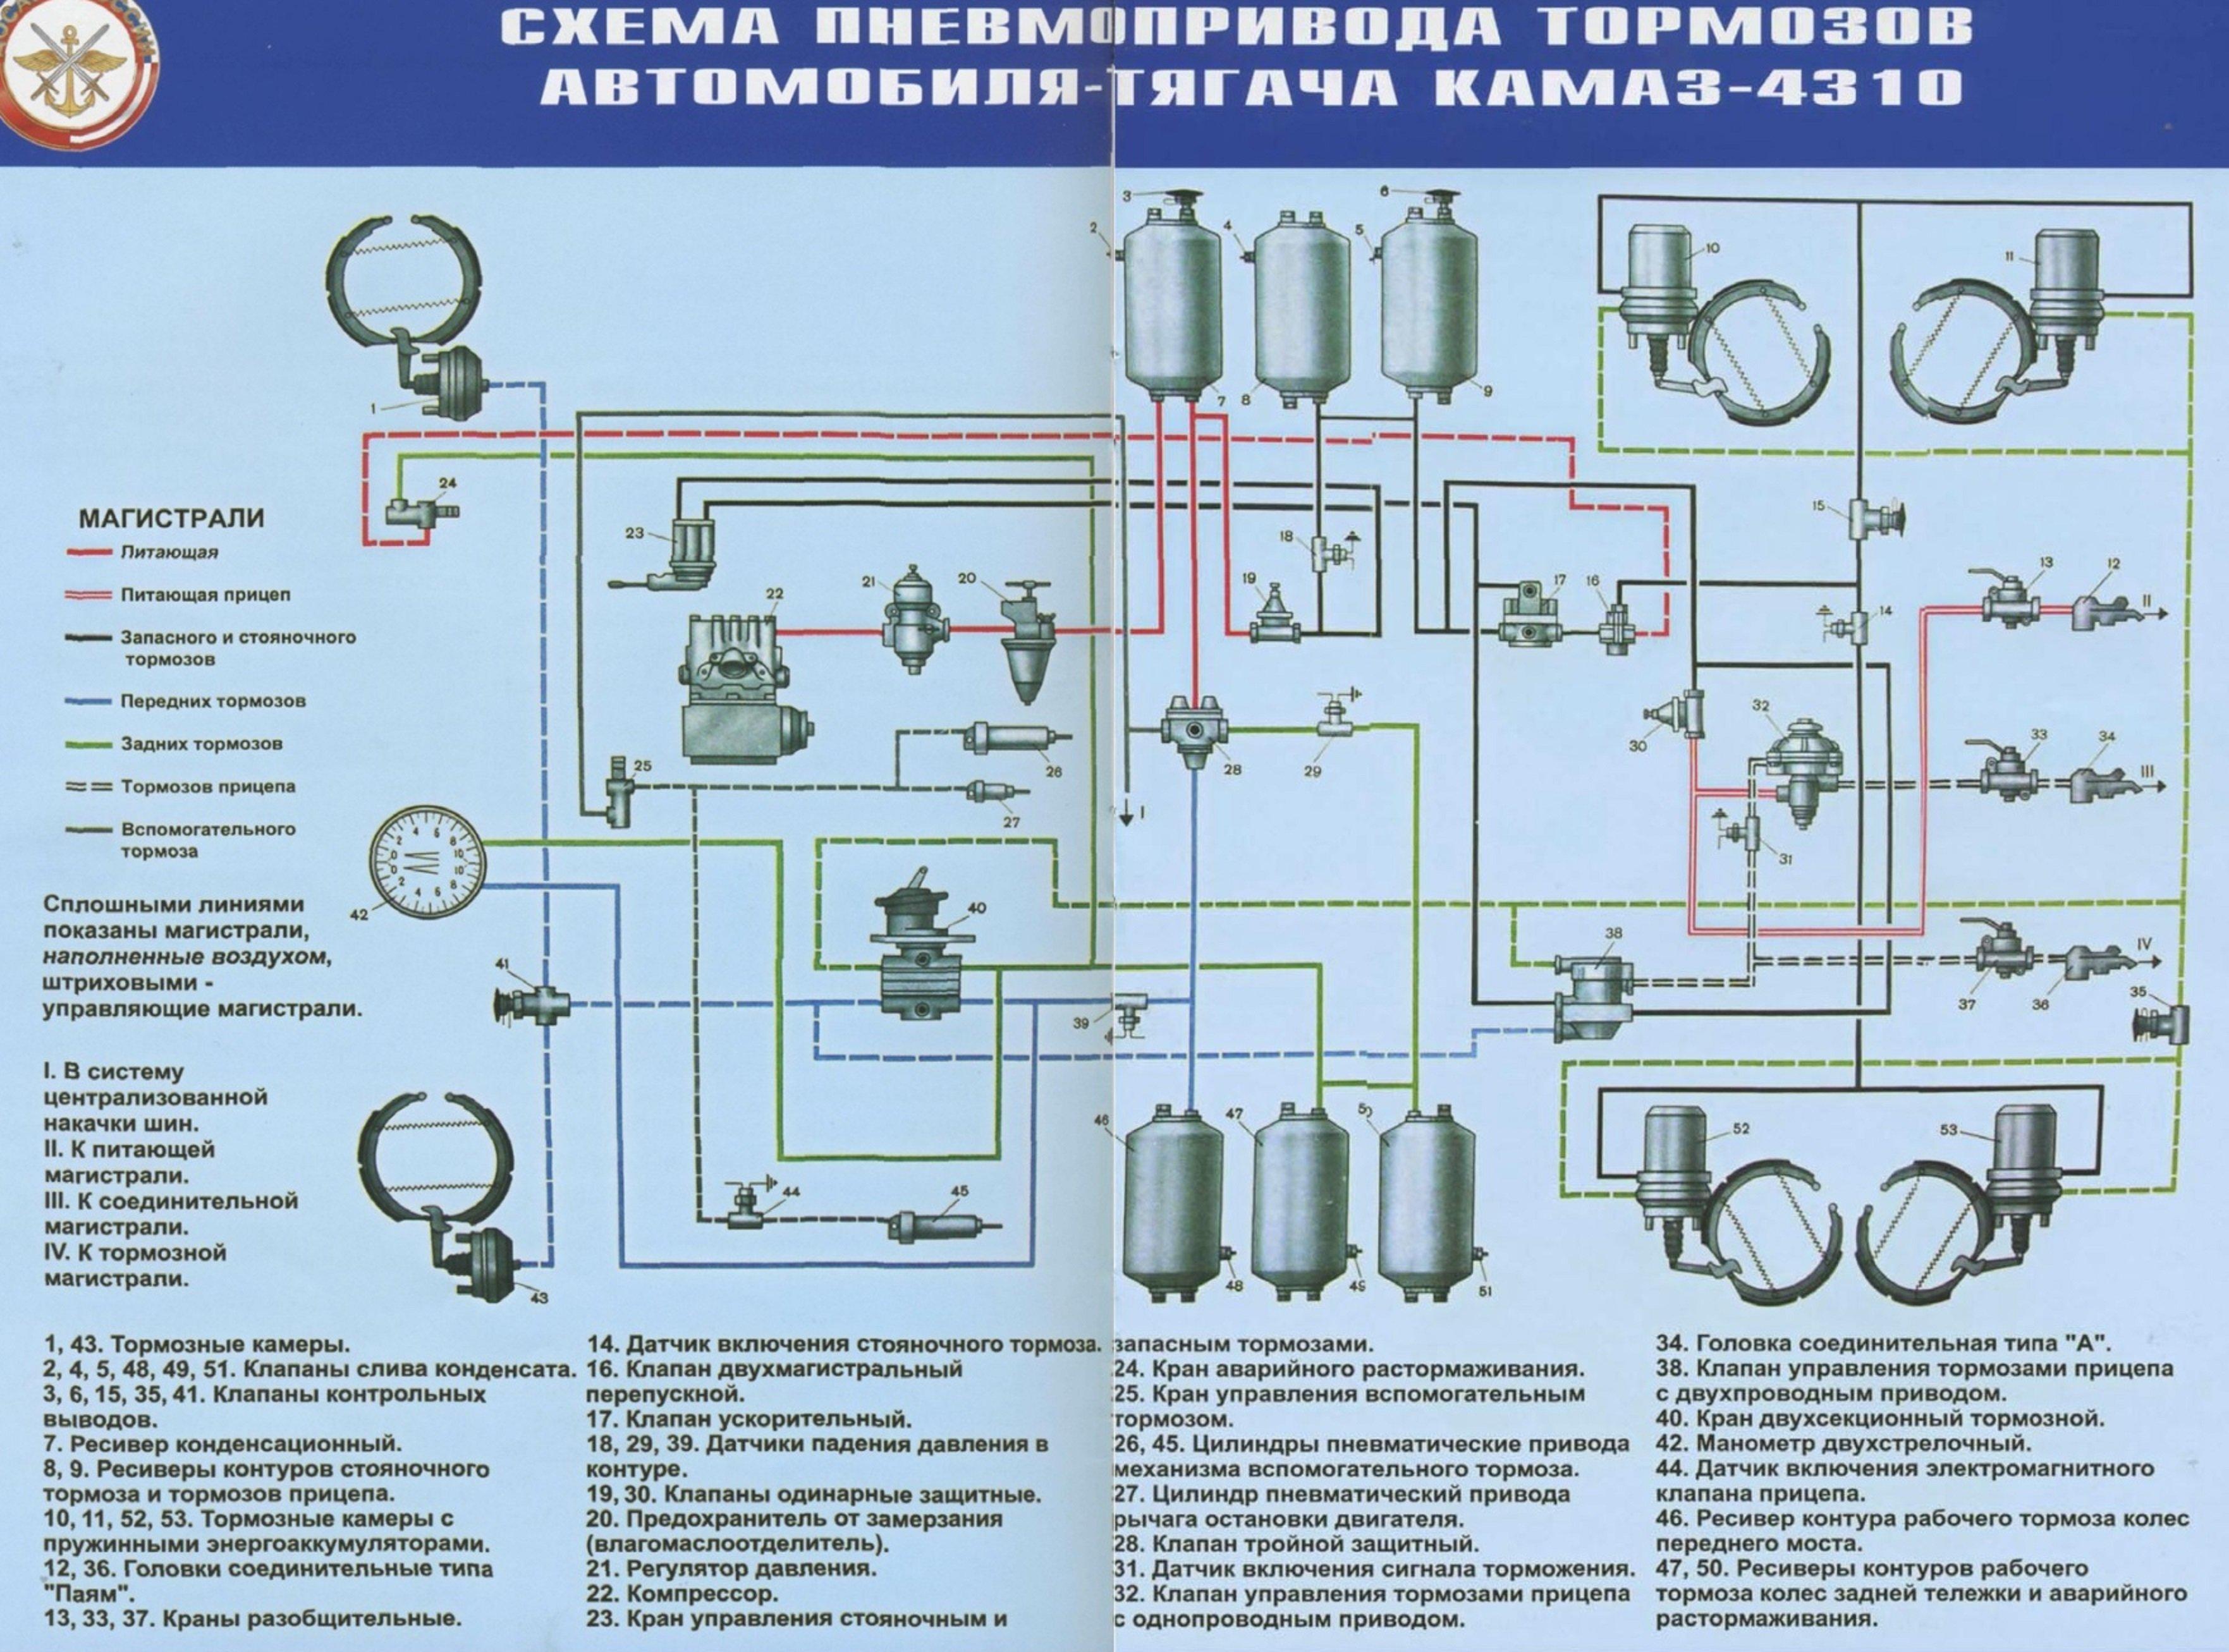 Камаз схема тормозной системы